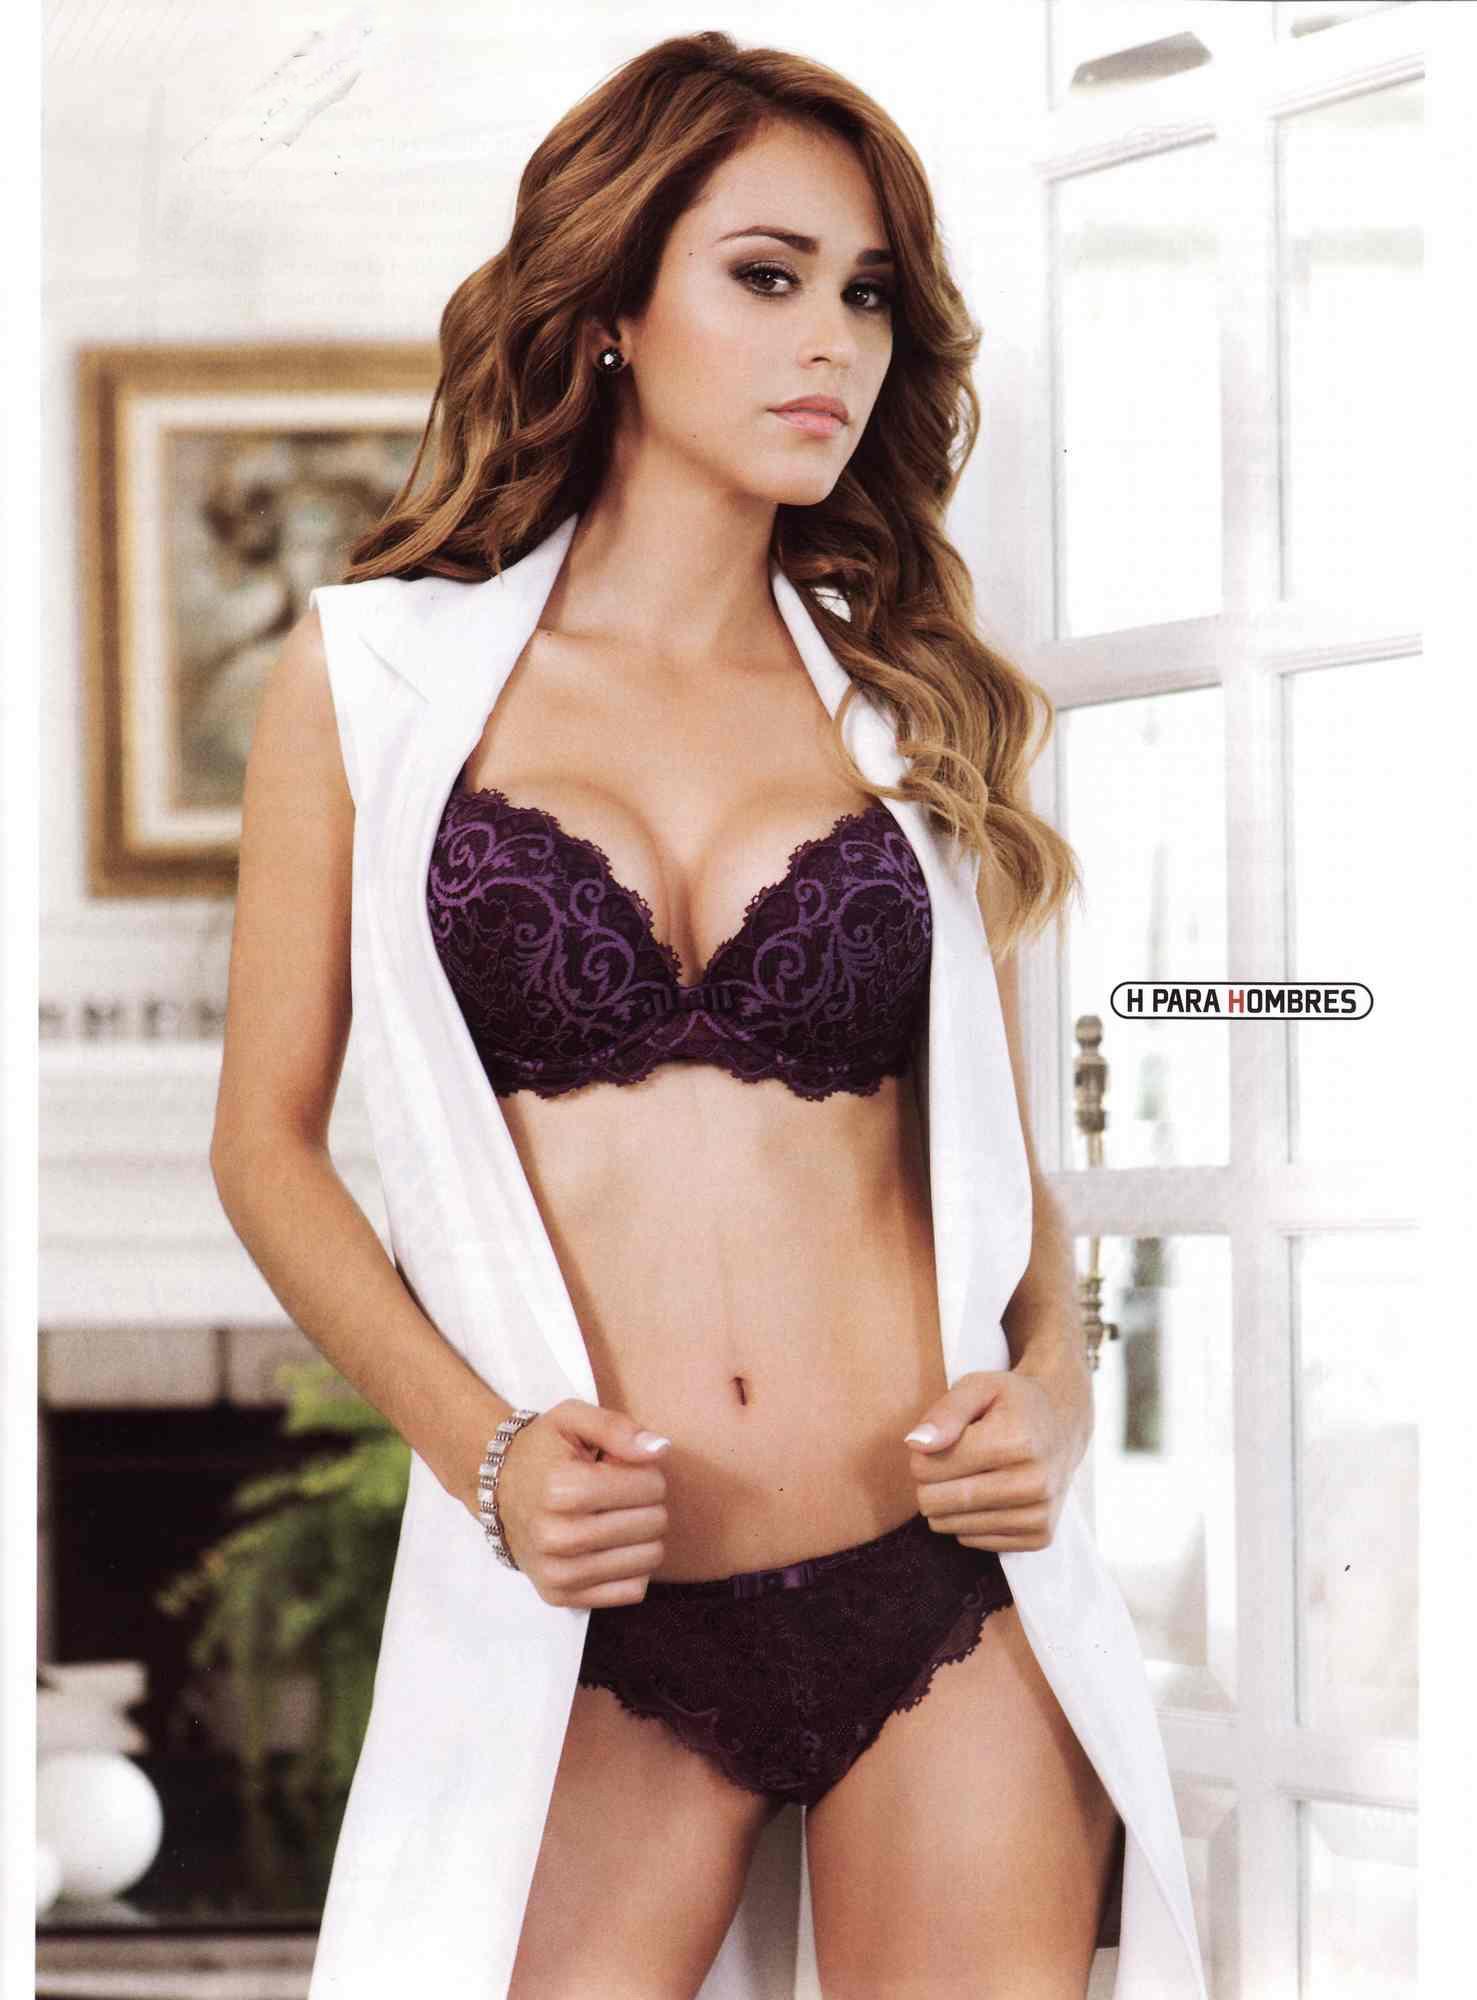 Yanet Garcia desnuda coño